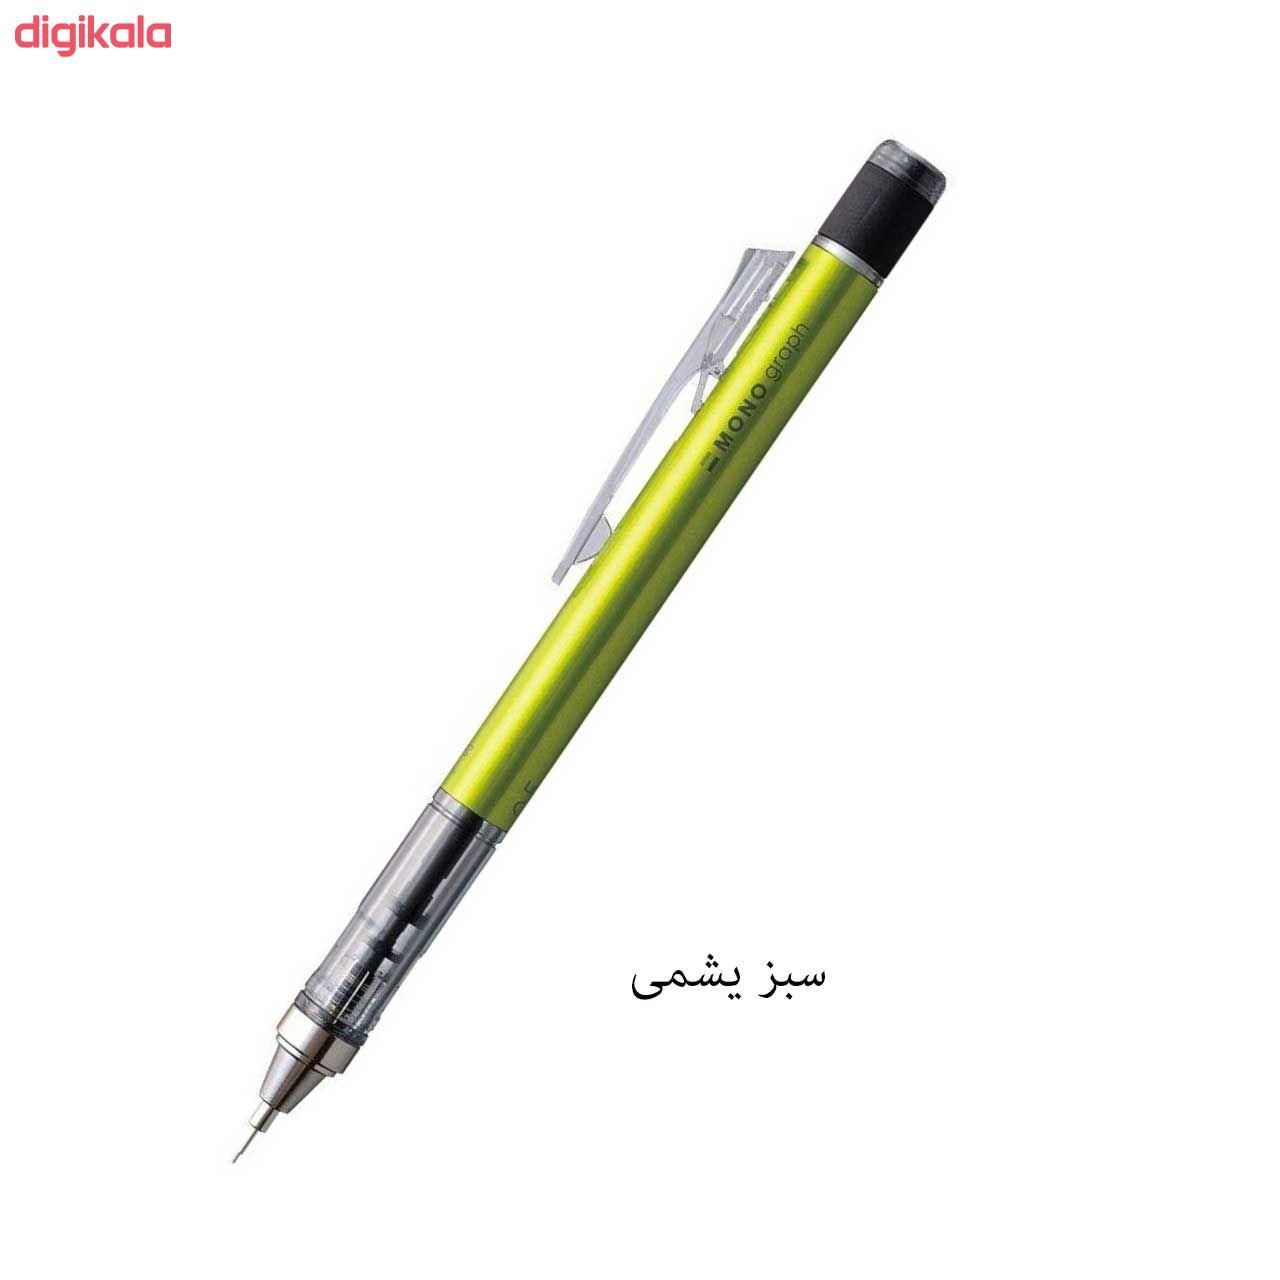 مداد نوکی 0.5 میلی متری تومبو مدل MONO GRAPPH main 1 8